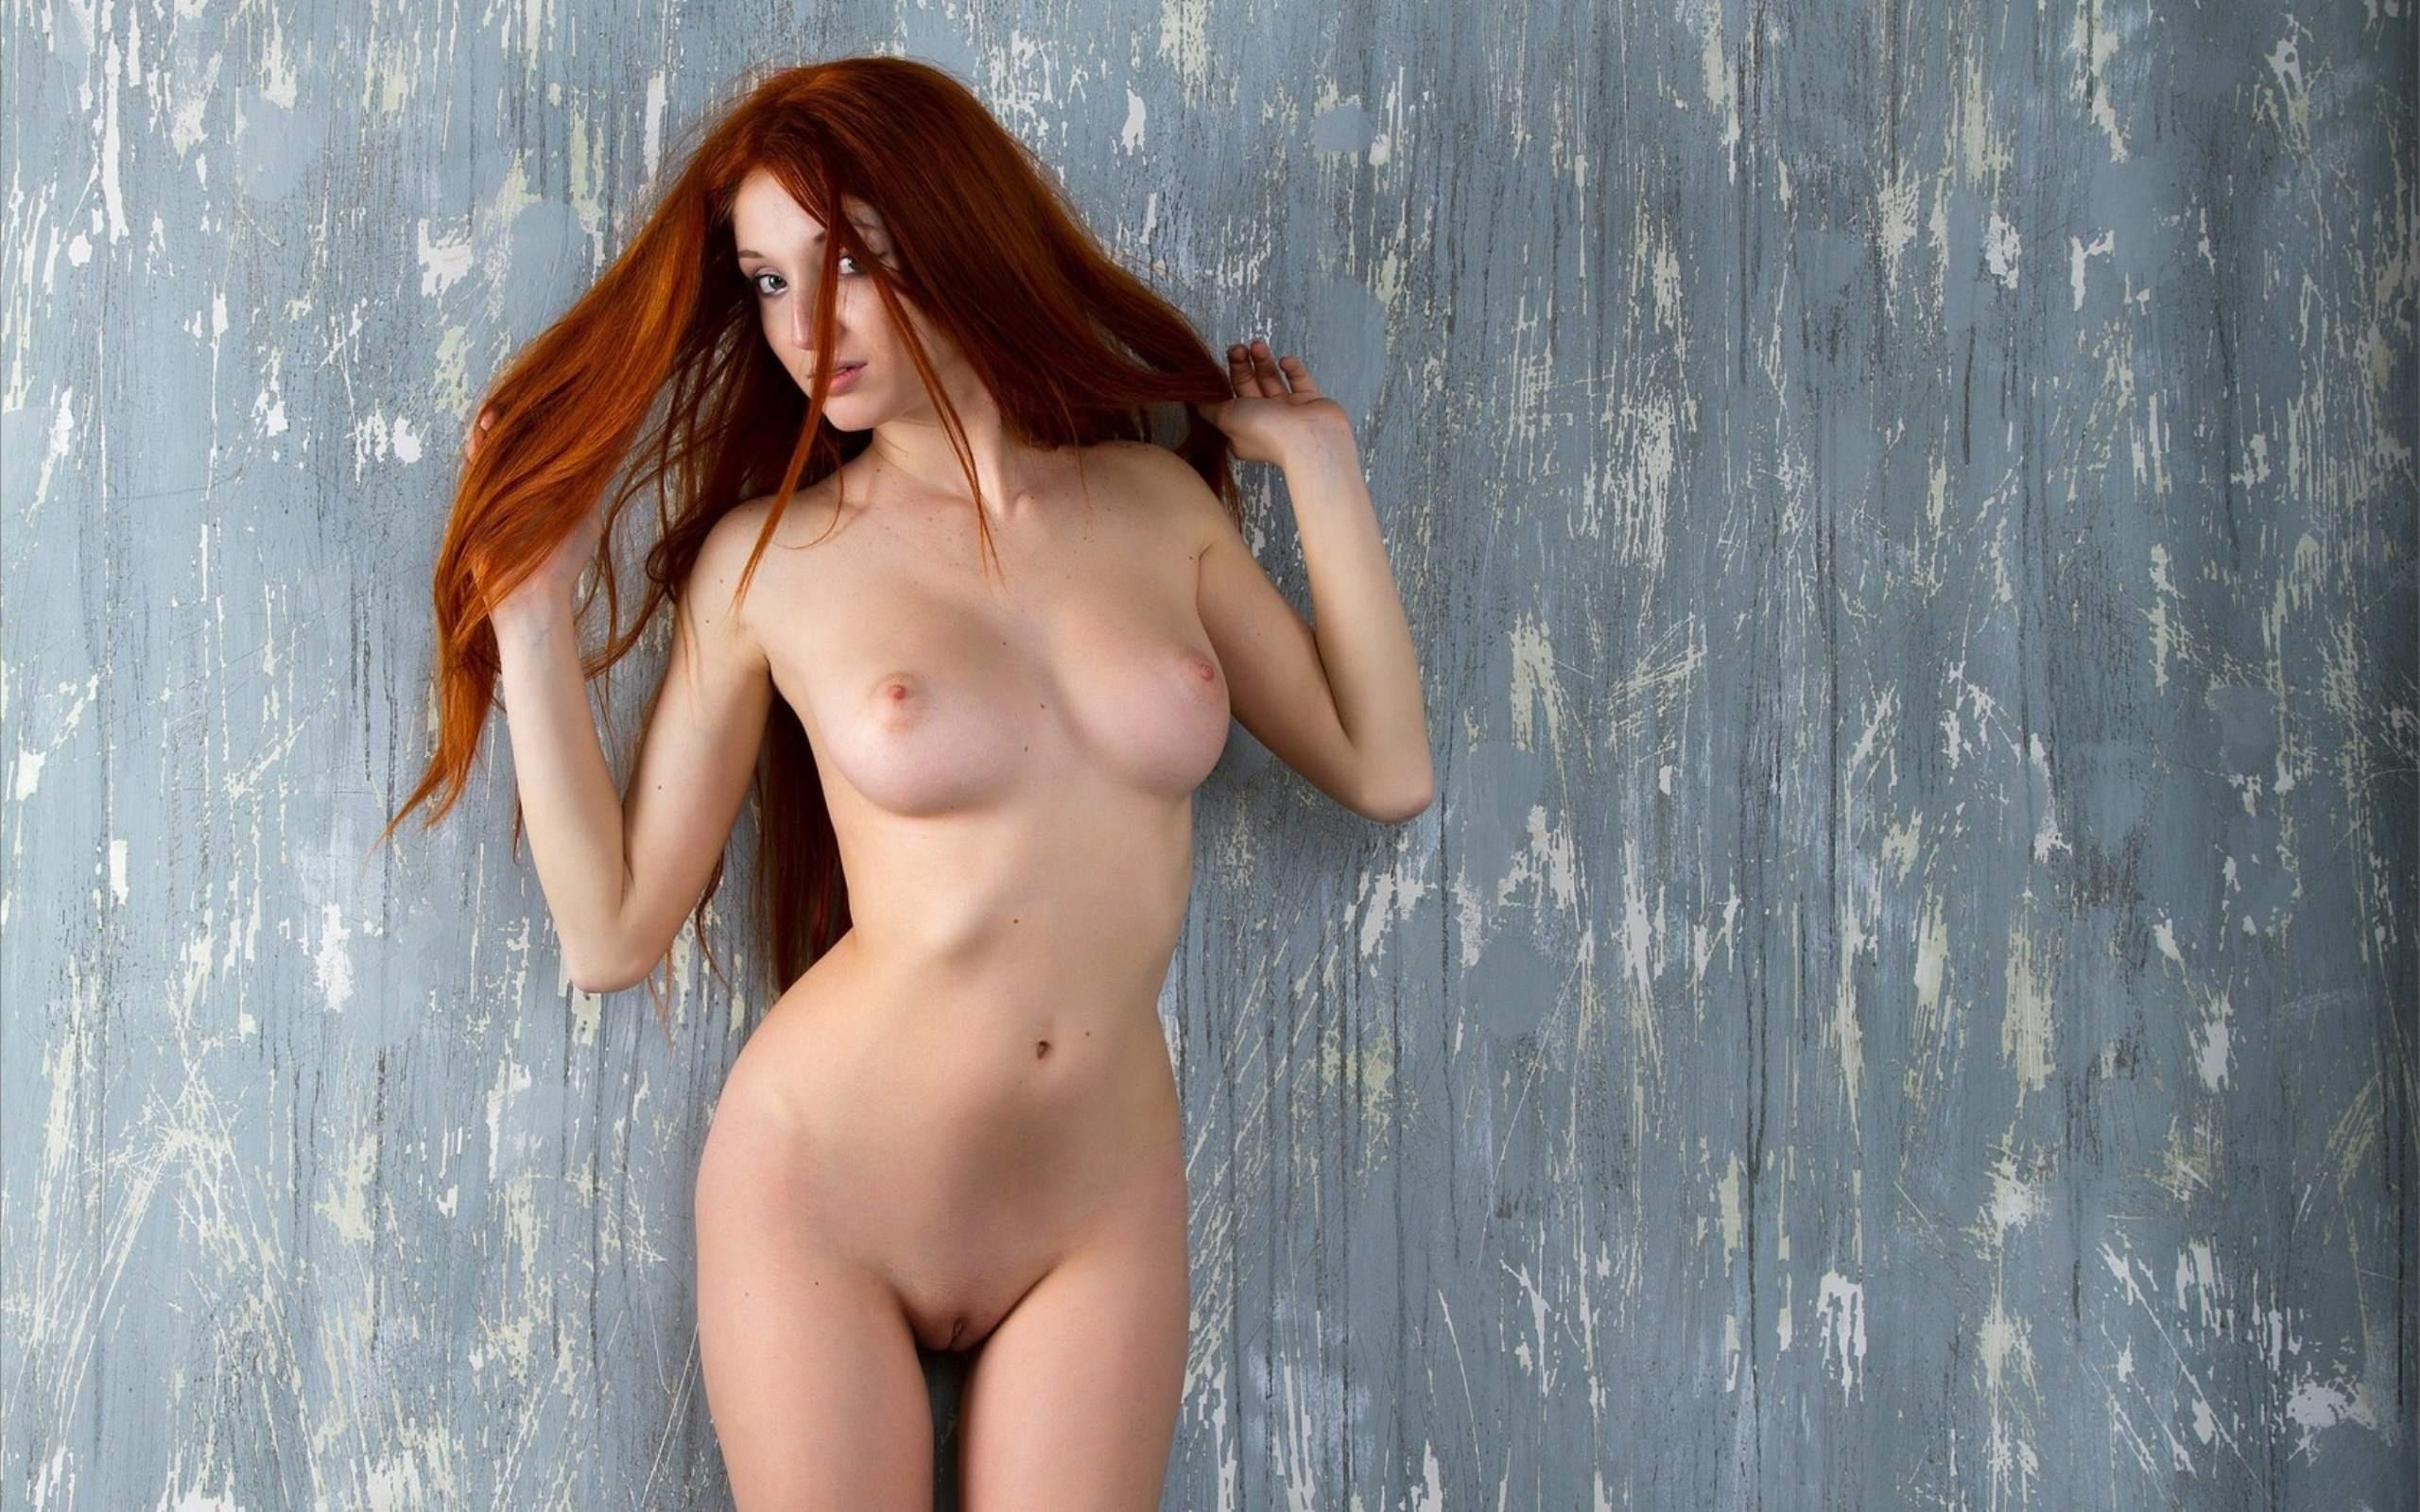 Фото Обнаженных Рыжих Женщин